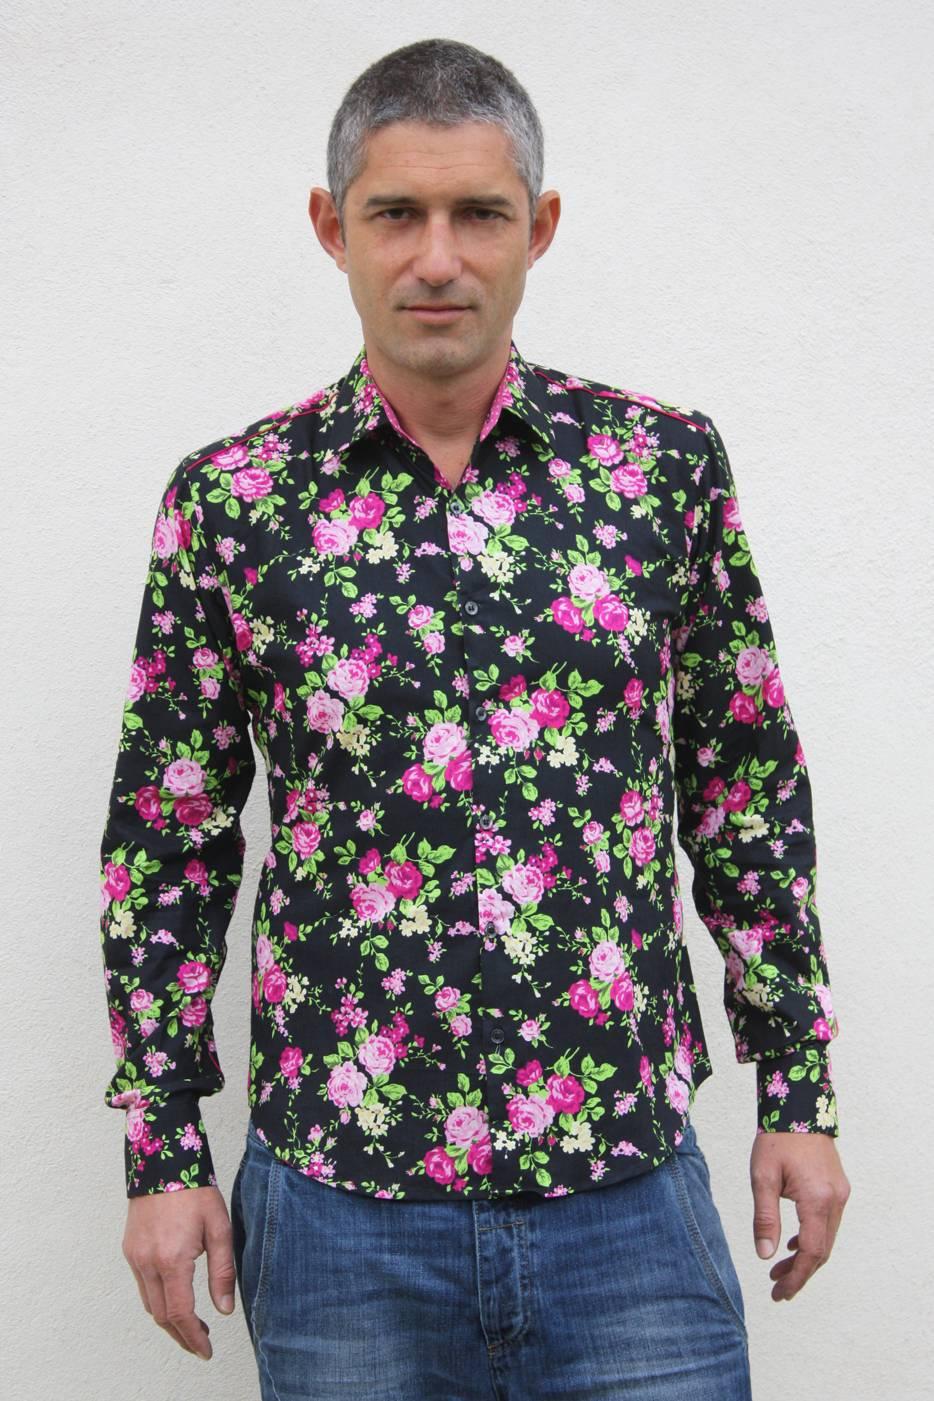 camisa floral masculina gypsy ba sap. Black Bedroom Furniture Sets. Home Design Ideas